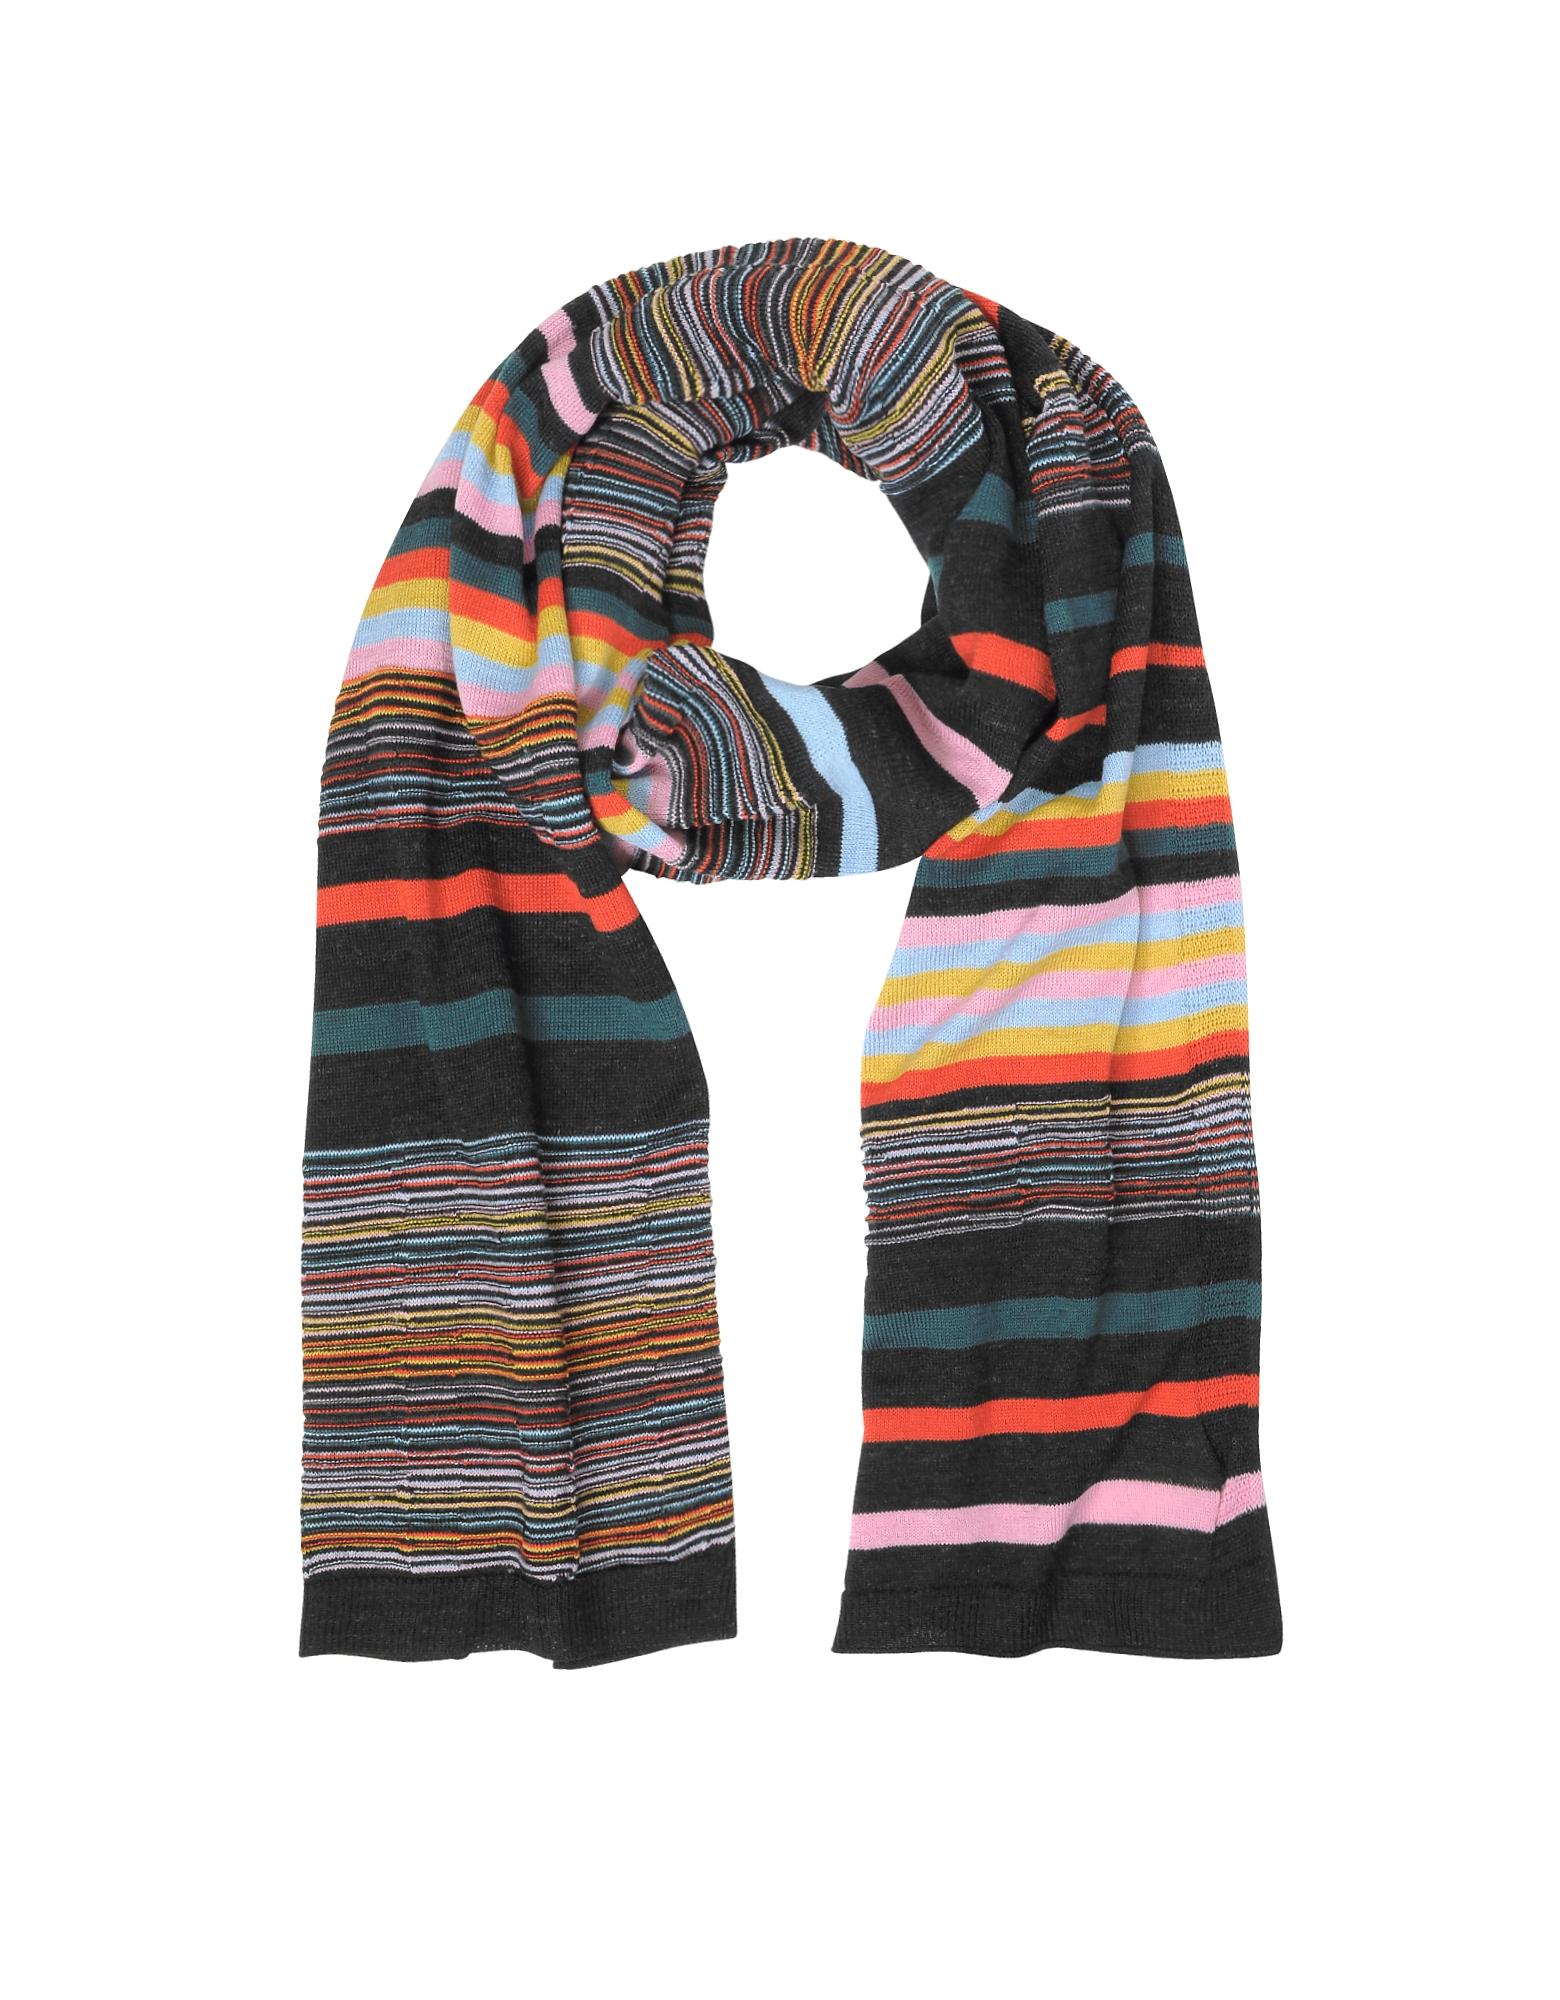 Image of Missoni Designer Men's Scarves, Striped Wool Blend Men's Long Scarf